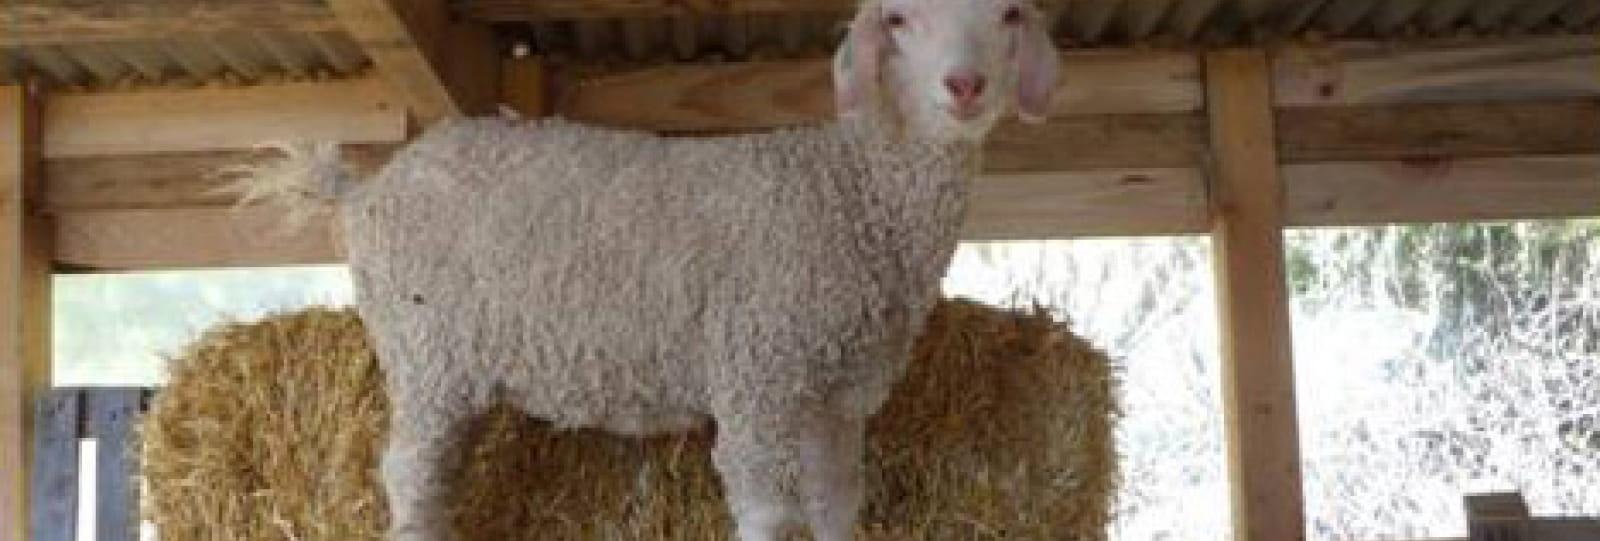 Atelier - filage, tissage, feutrage, teintures naturelles ou tricotage de la laine